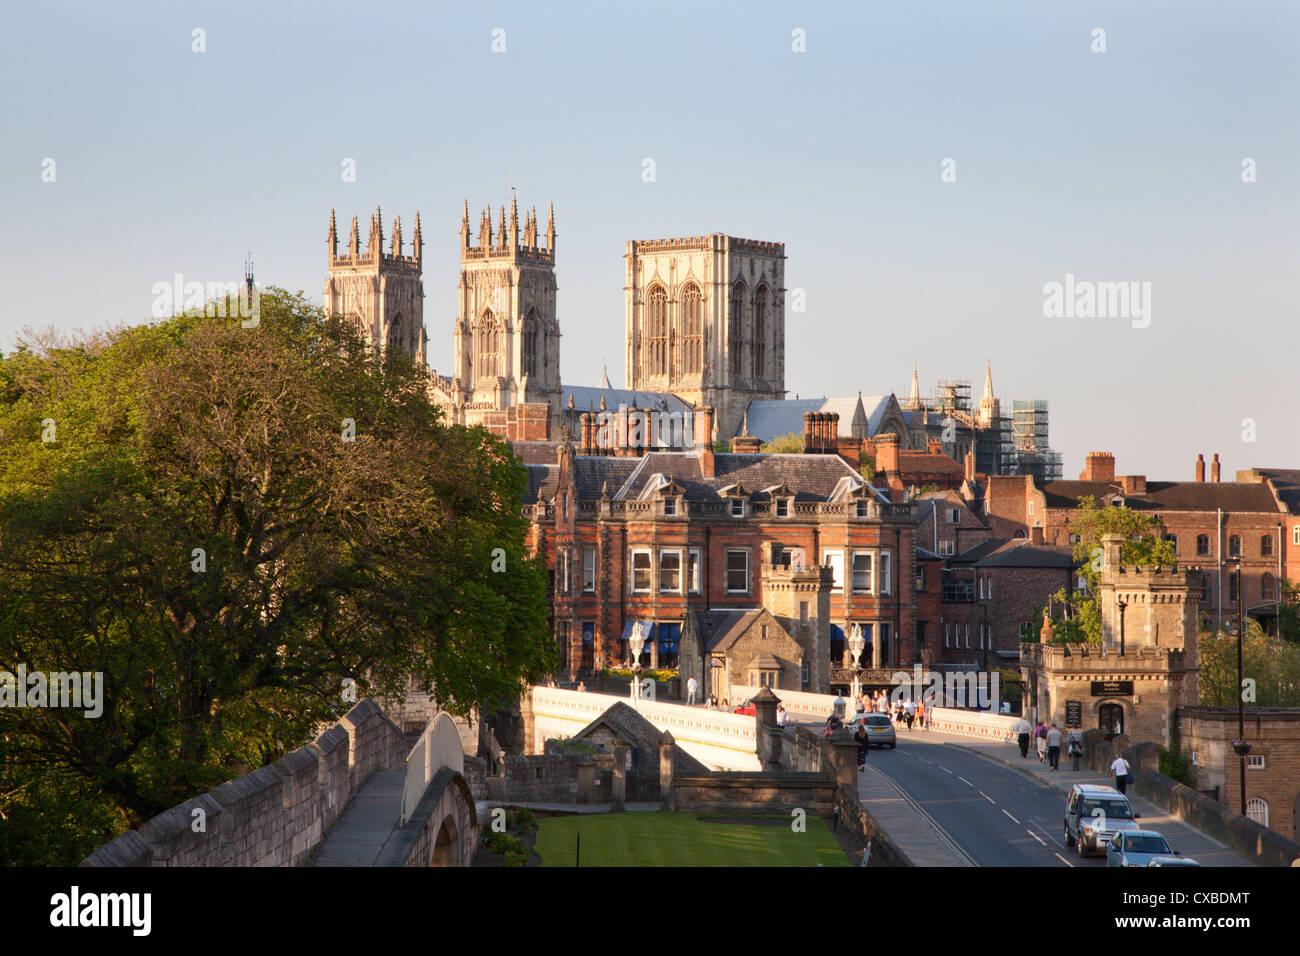 York Minster de las murallas de la ciudad, York, North Yorkshire, Yorkshire, Inglaterra, Reino Unido, Europa Imagen De Stock